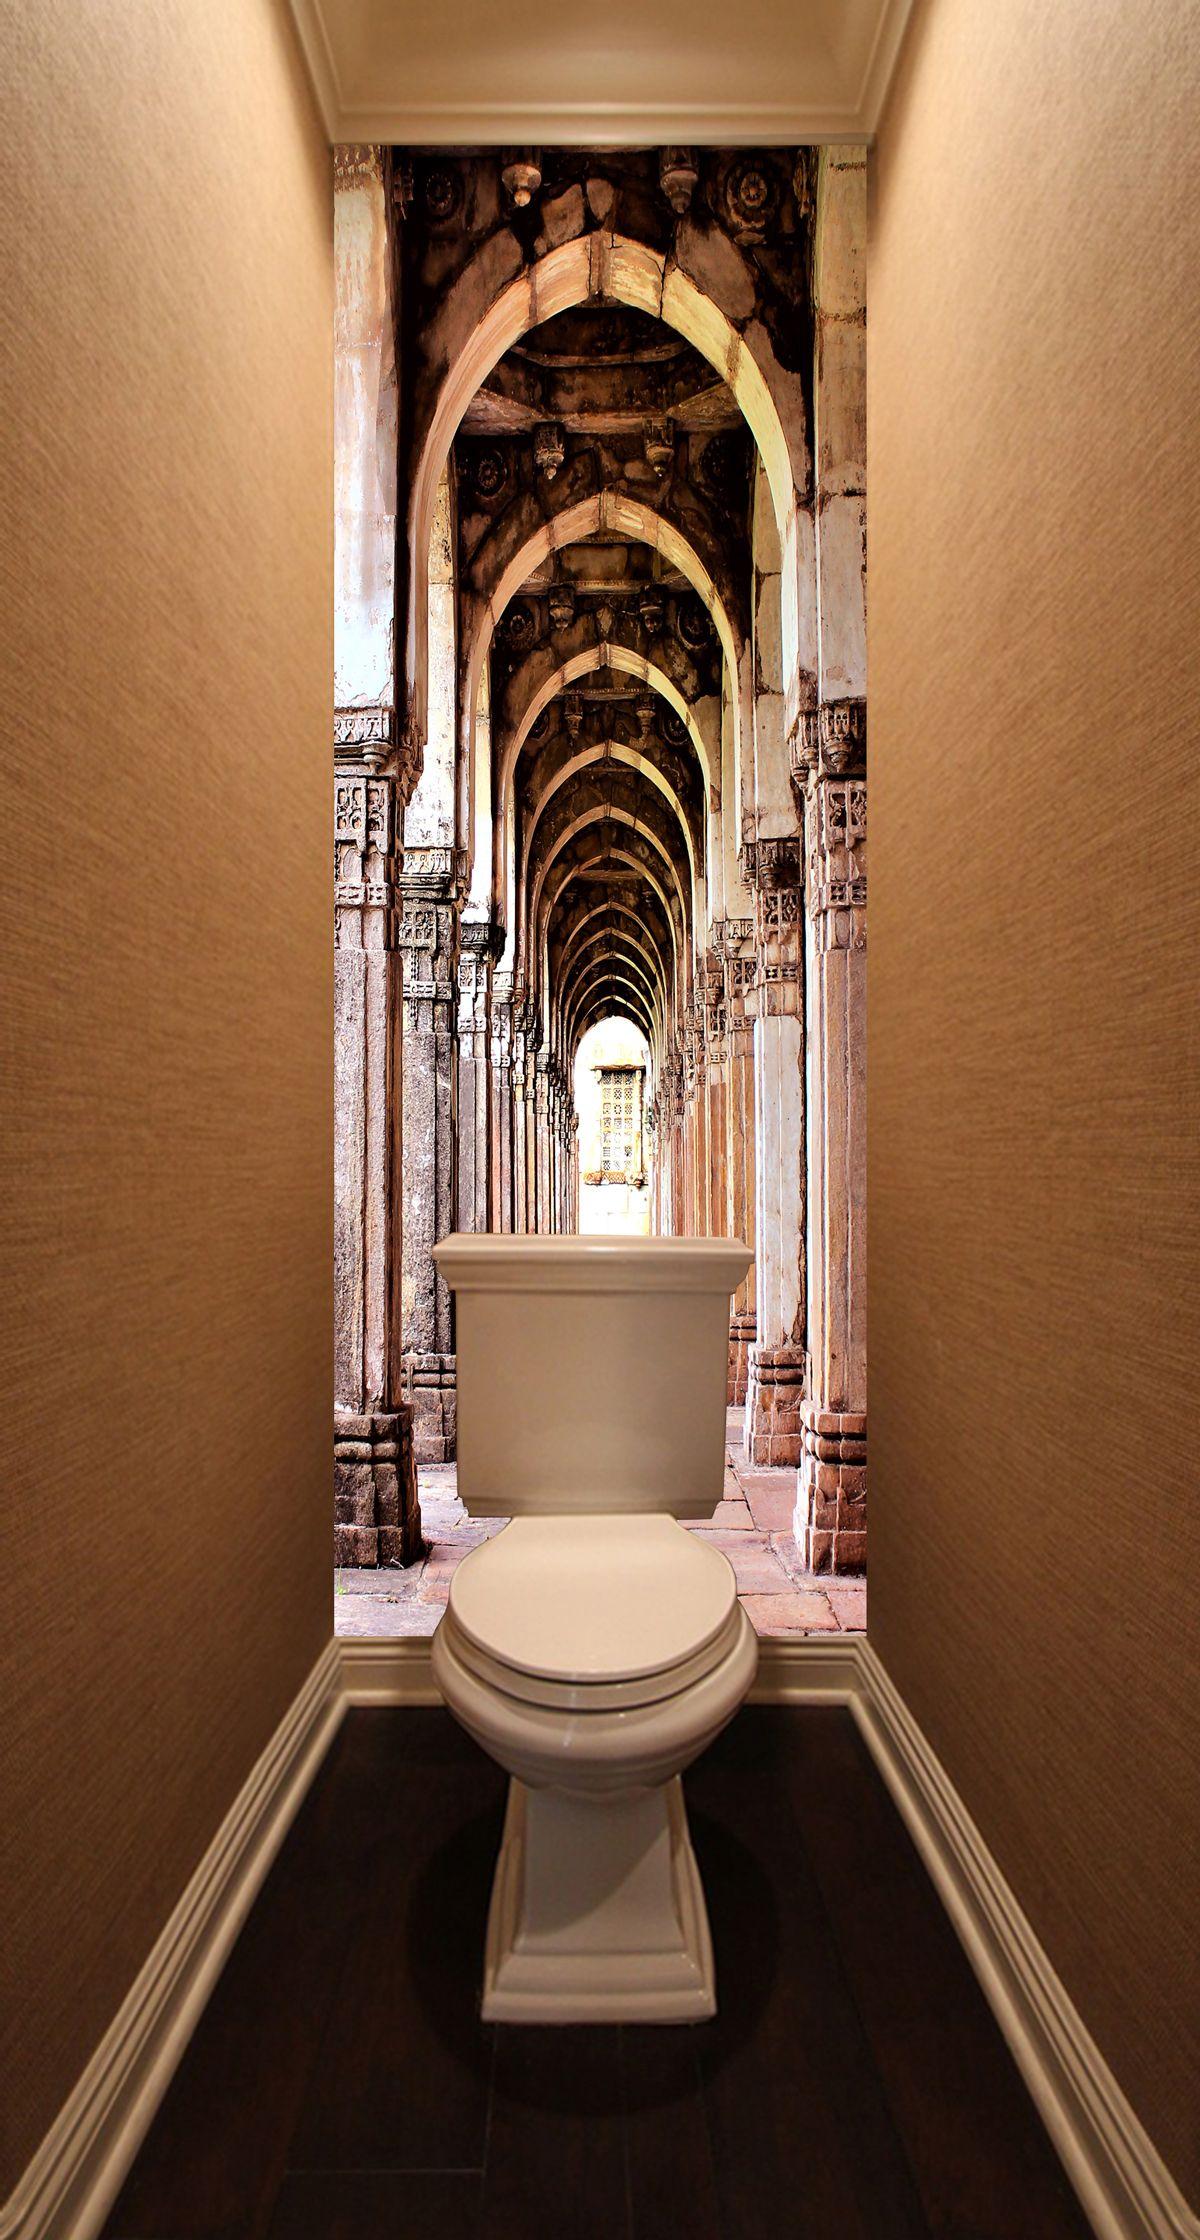 Фотообои в туалет - Галерея купить в магазине Интерьерные наклейки